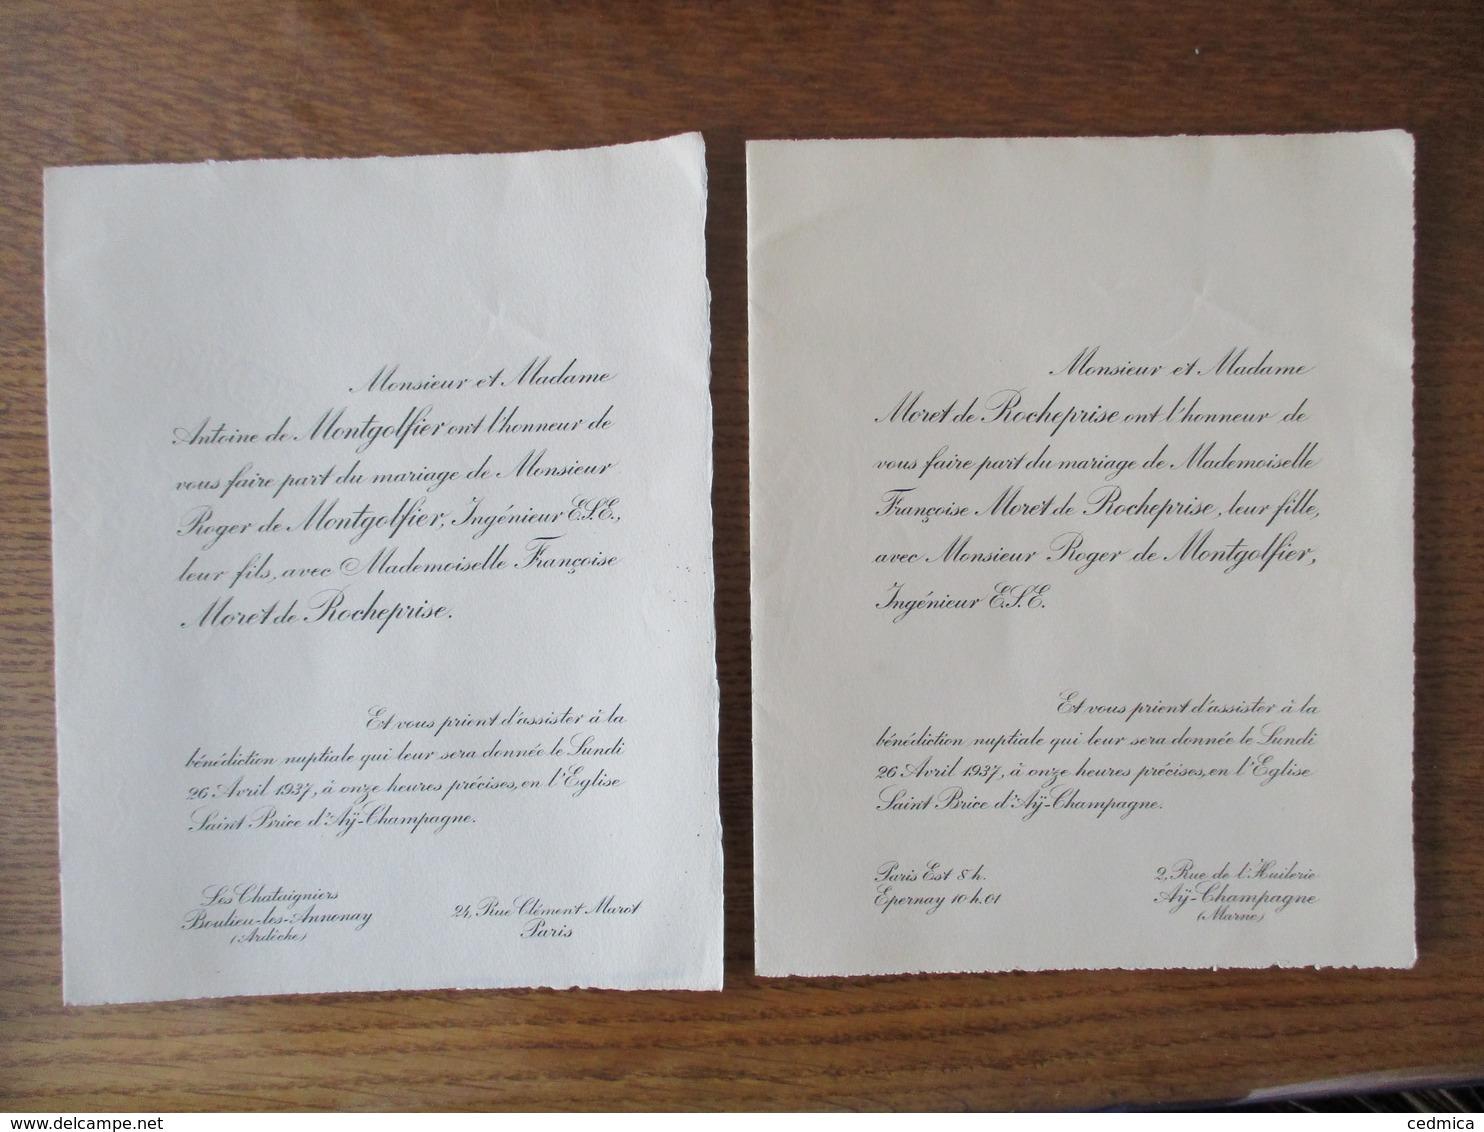 ÄY CHAMPAGNE LE 26 AVRIL 1937 MADEMOISELLE FRANCOISE MORET DE ROCHEPRISE AVEC MONSIEUR ROGER DE MONTGOLFIER - Mariage